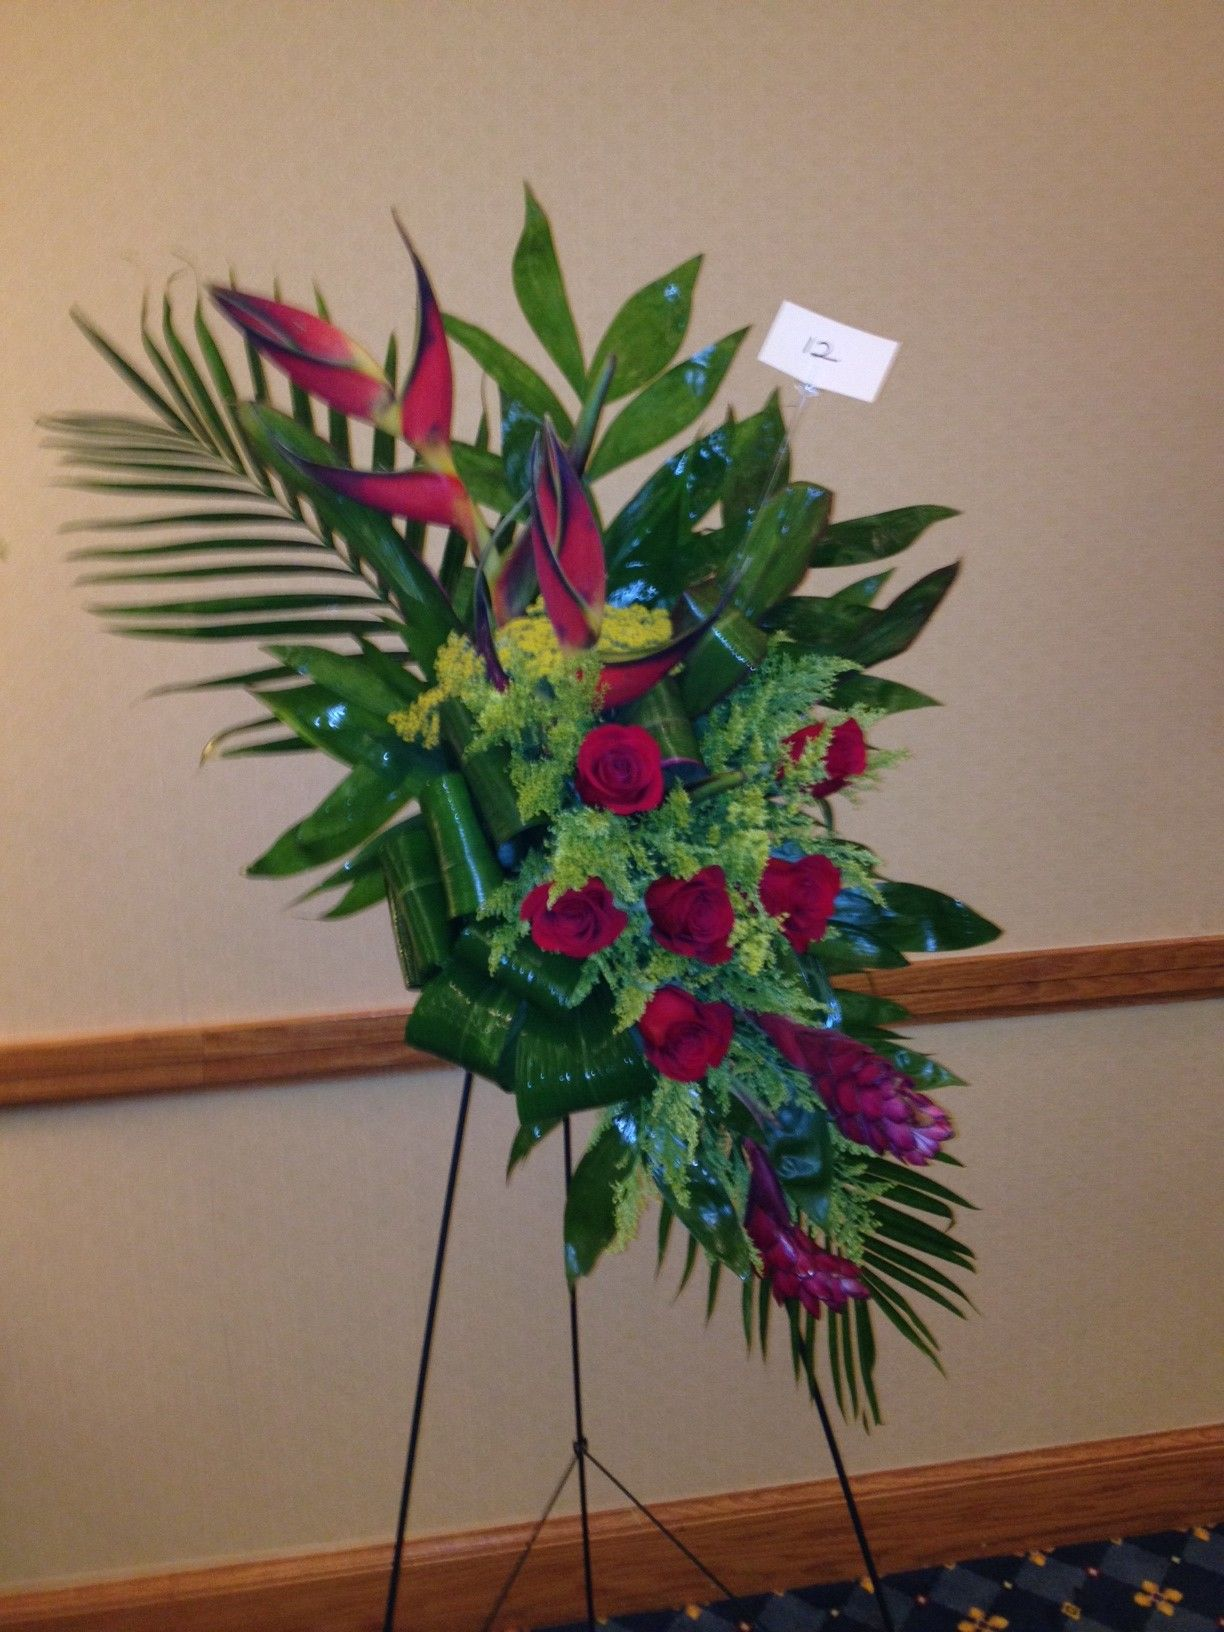 Tropical funeral flower arrangement flowers pinterest funeral tropical funeral flower arrangement izmirmasajfo